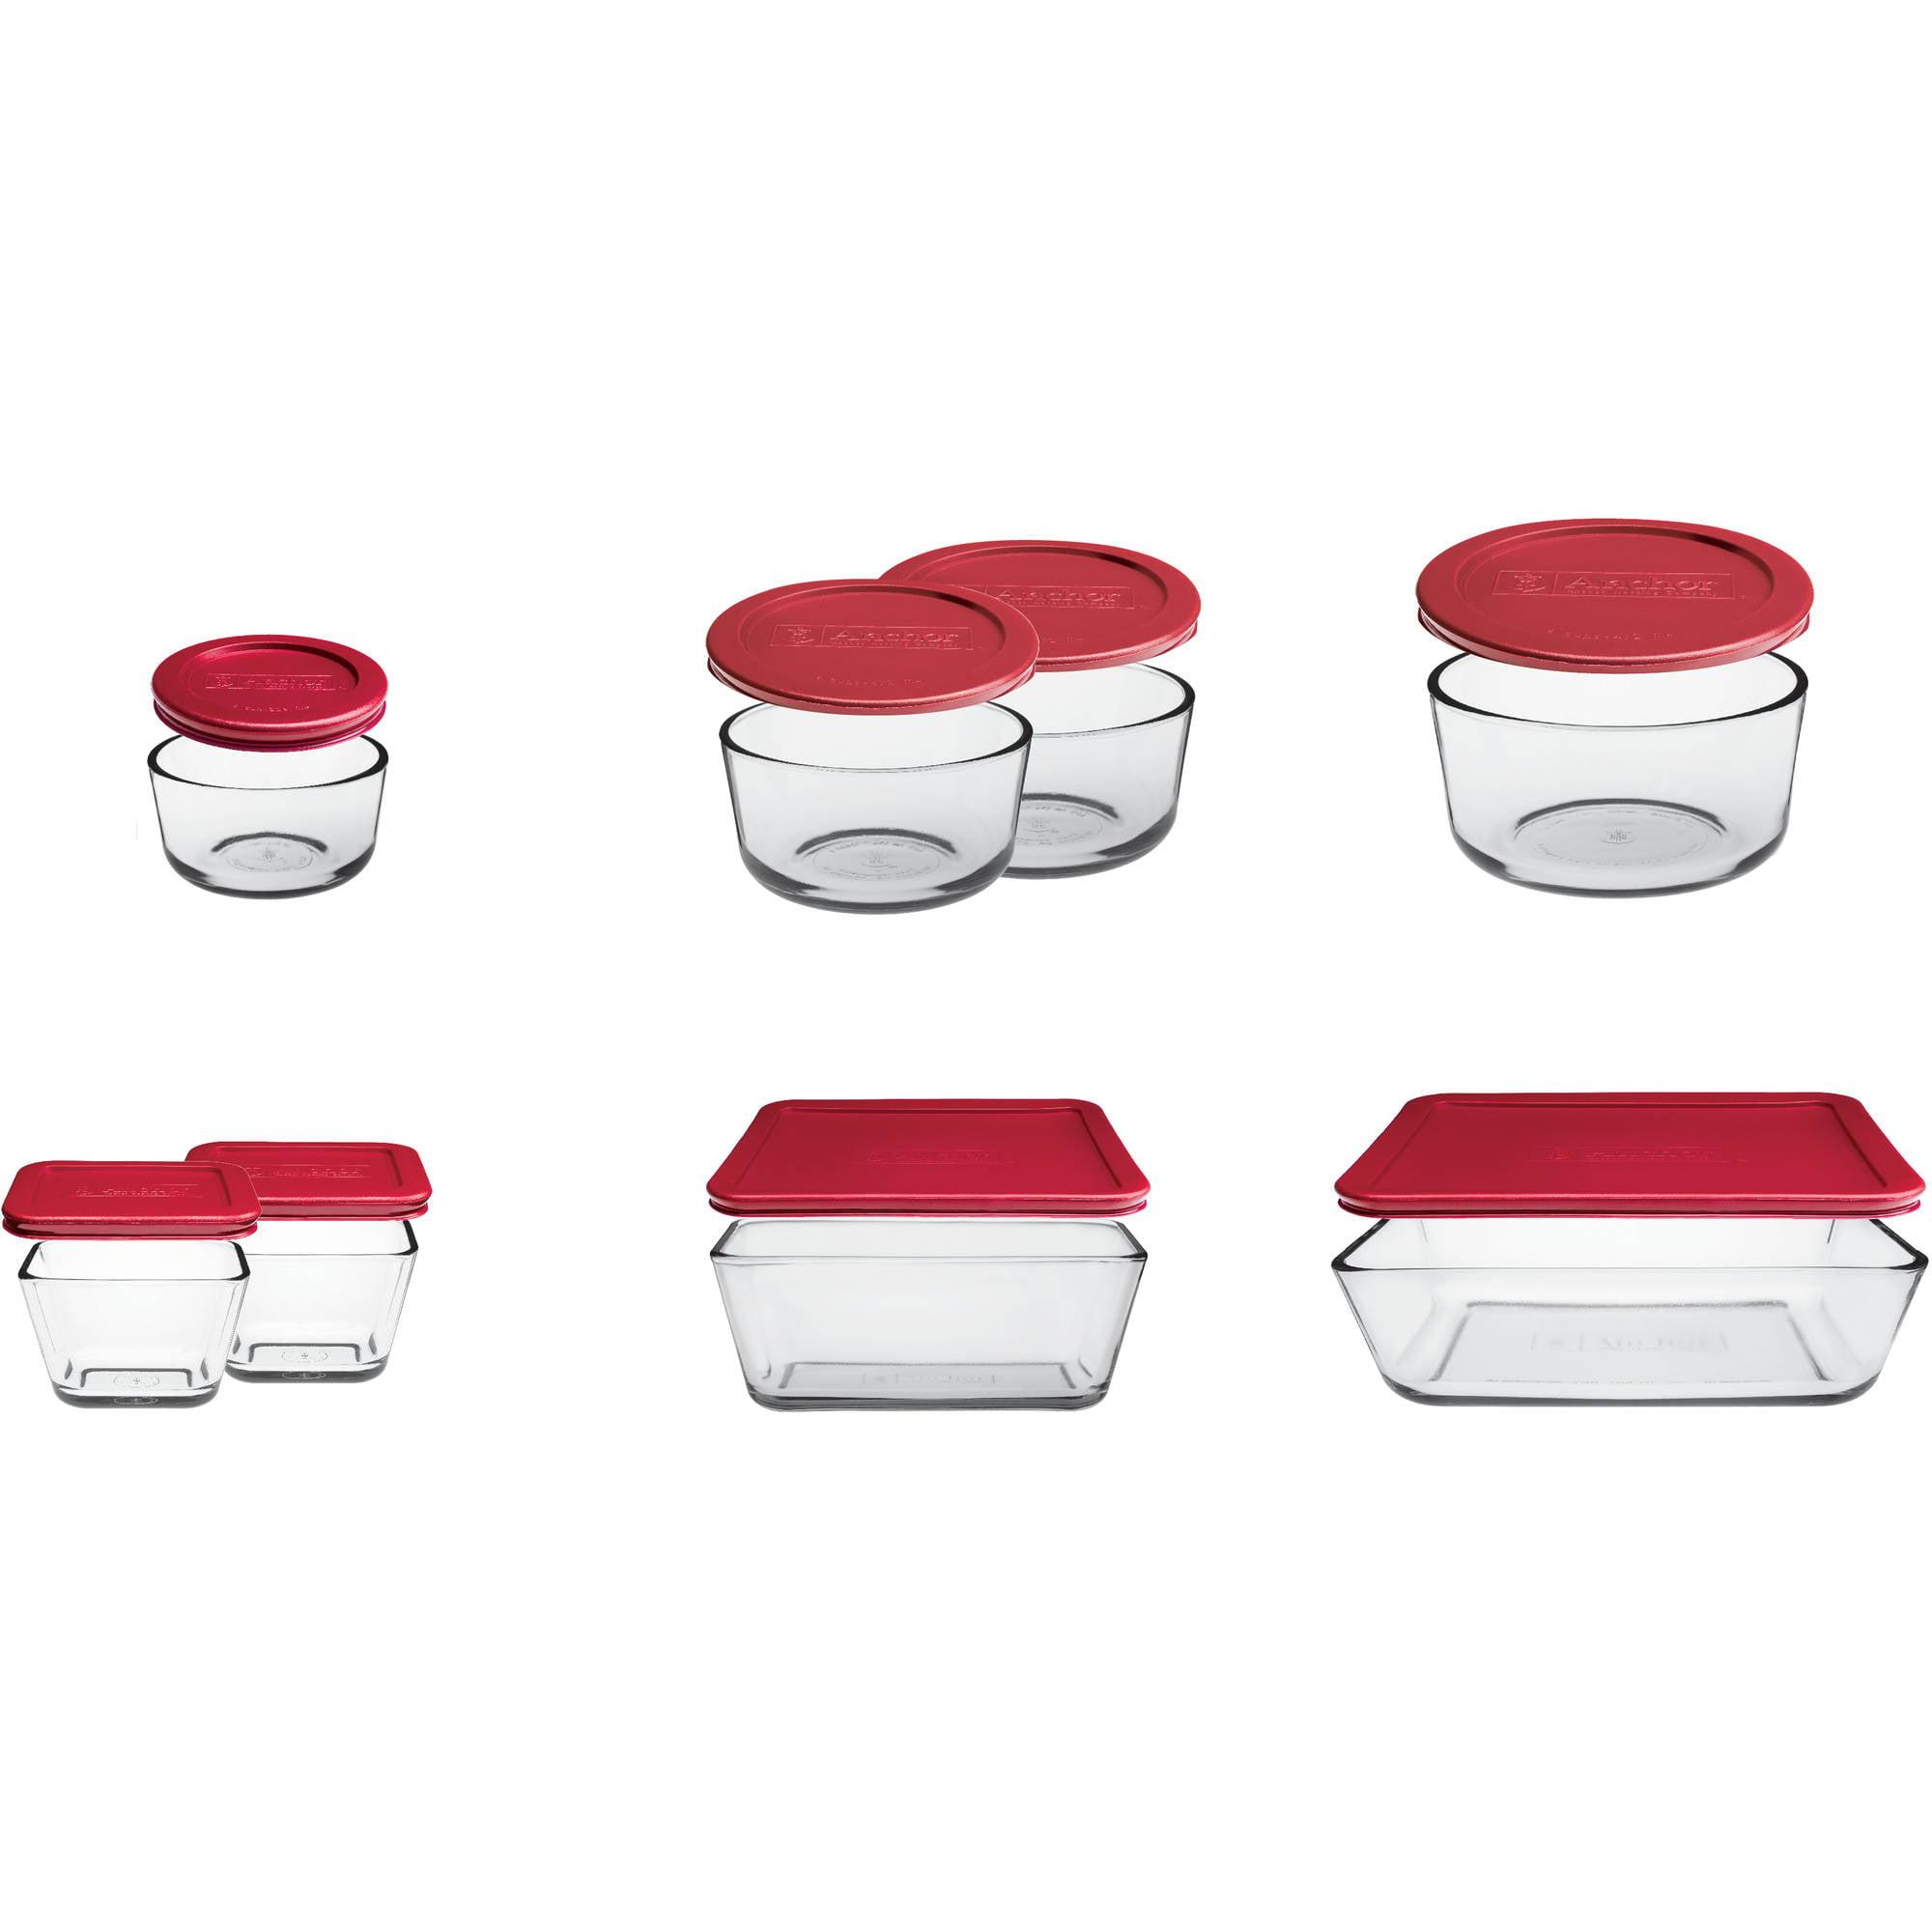 Anchor Hocking 16-Piece Kitchen Food Storage Set with Red Lids